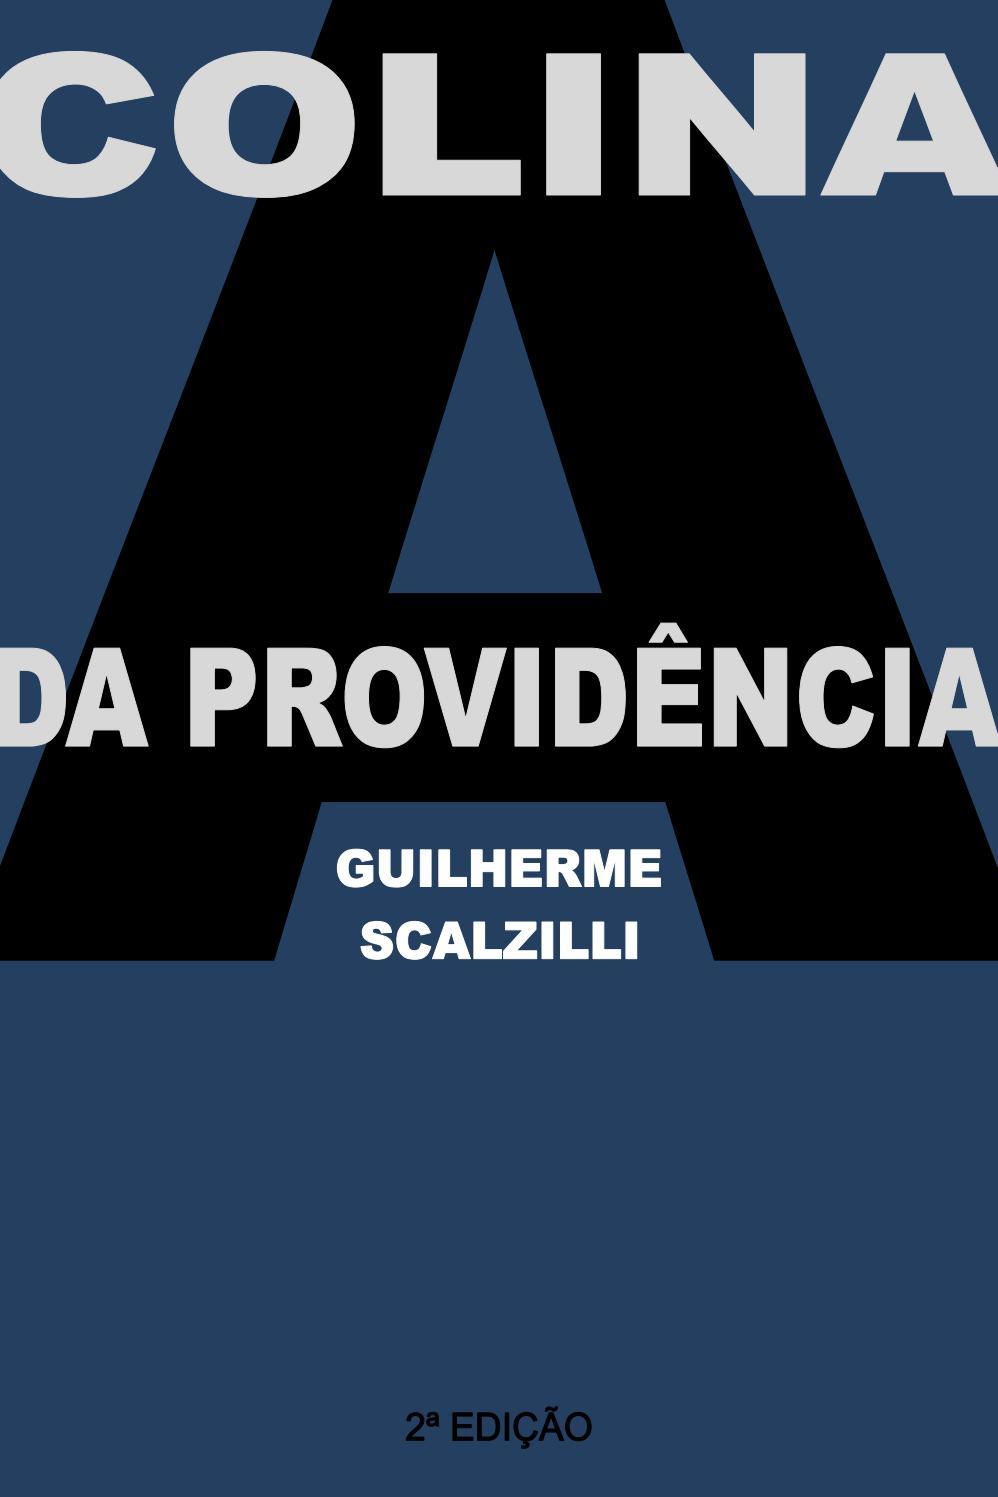 d91f221b6a A colina da Providencia by Guilherme Scalzilli - issuu